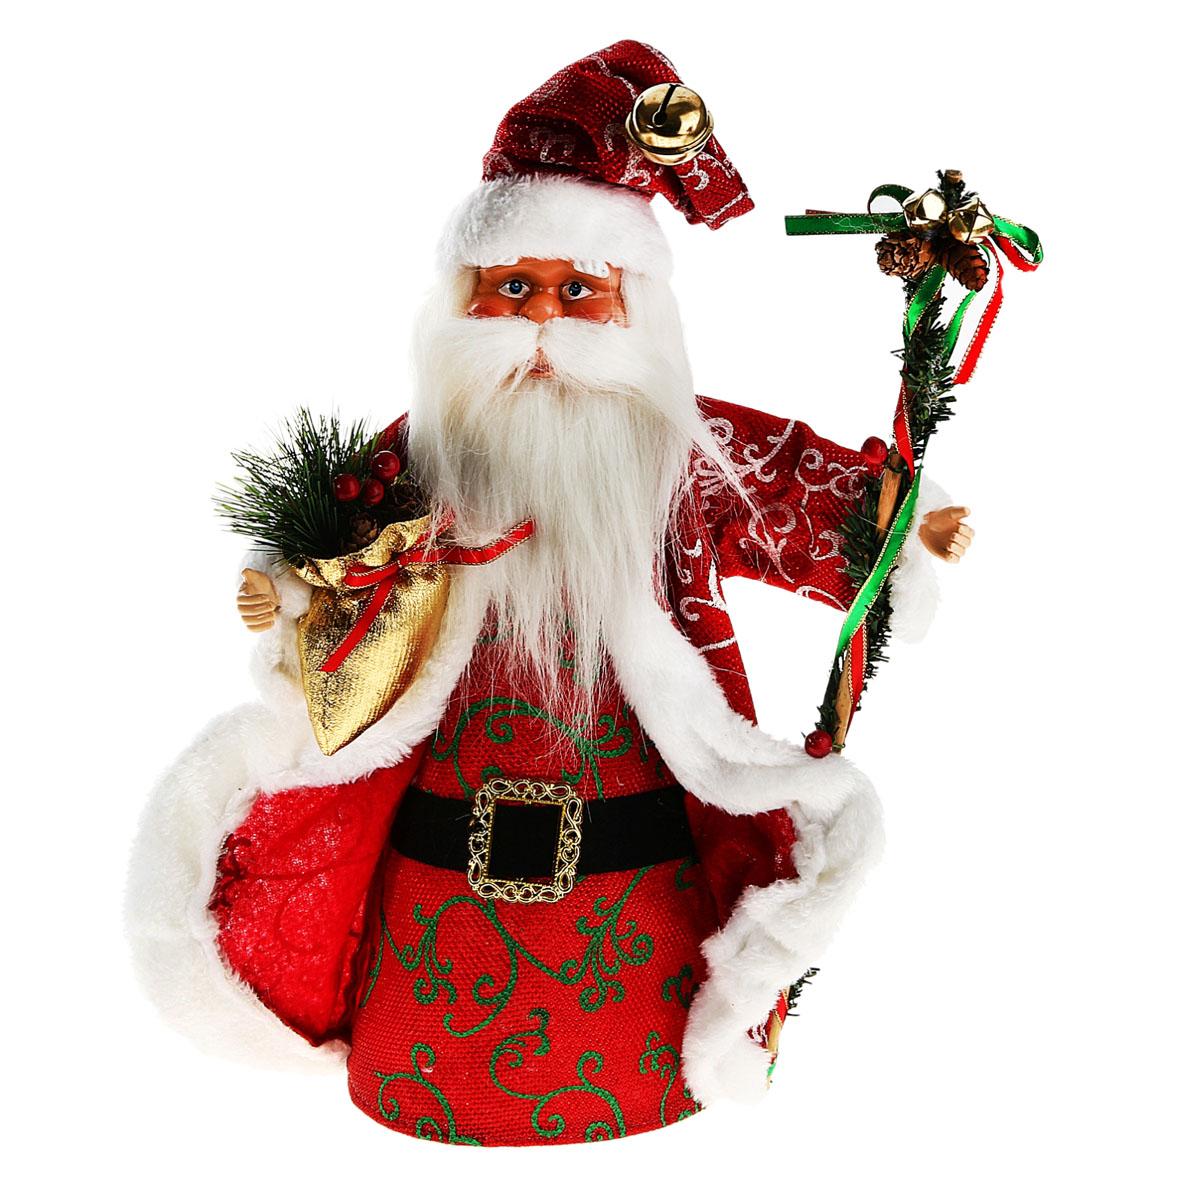 Новогодняя декоративная фигурка Sima-land Дед Мороз с гостинцами, высота 39 см706596Новогодняя декоративная фигурка выполнена из высококачественного пластика в виде Деда Мороза. Дед Мороз одет в шубу с опушкой и декорированную люрексом и орнаментом. На голове колпак в цвет шубы с бубенцом. В одной руке Дед Мороз держит мешок с сосновыми ветками и шишками, а в другой посох. Его добрый вид и очаровательная улыбка притягивают к себе восторженные взгляды. Декоративная фигурка Дед Мороз подойдет для оформления новогоднего интерьера и принесет с собой атмосферу радости и веселья.